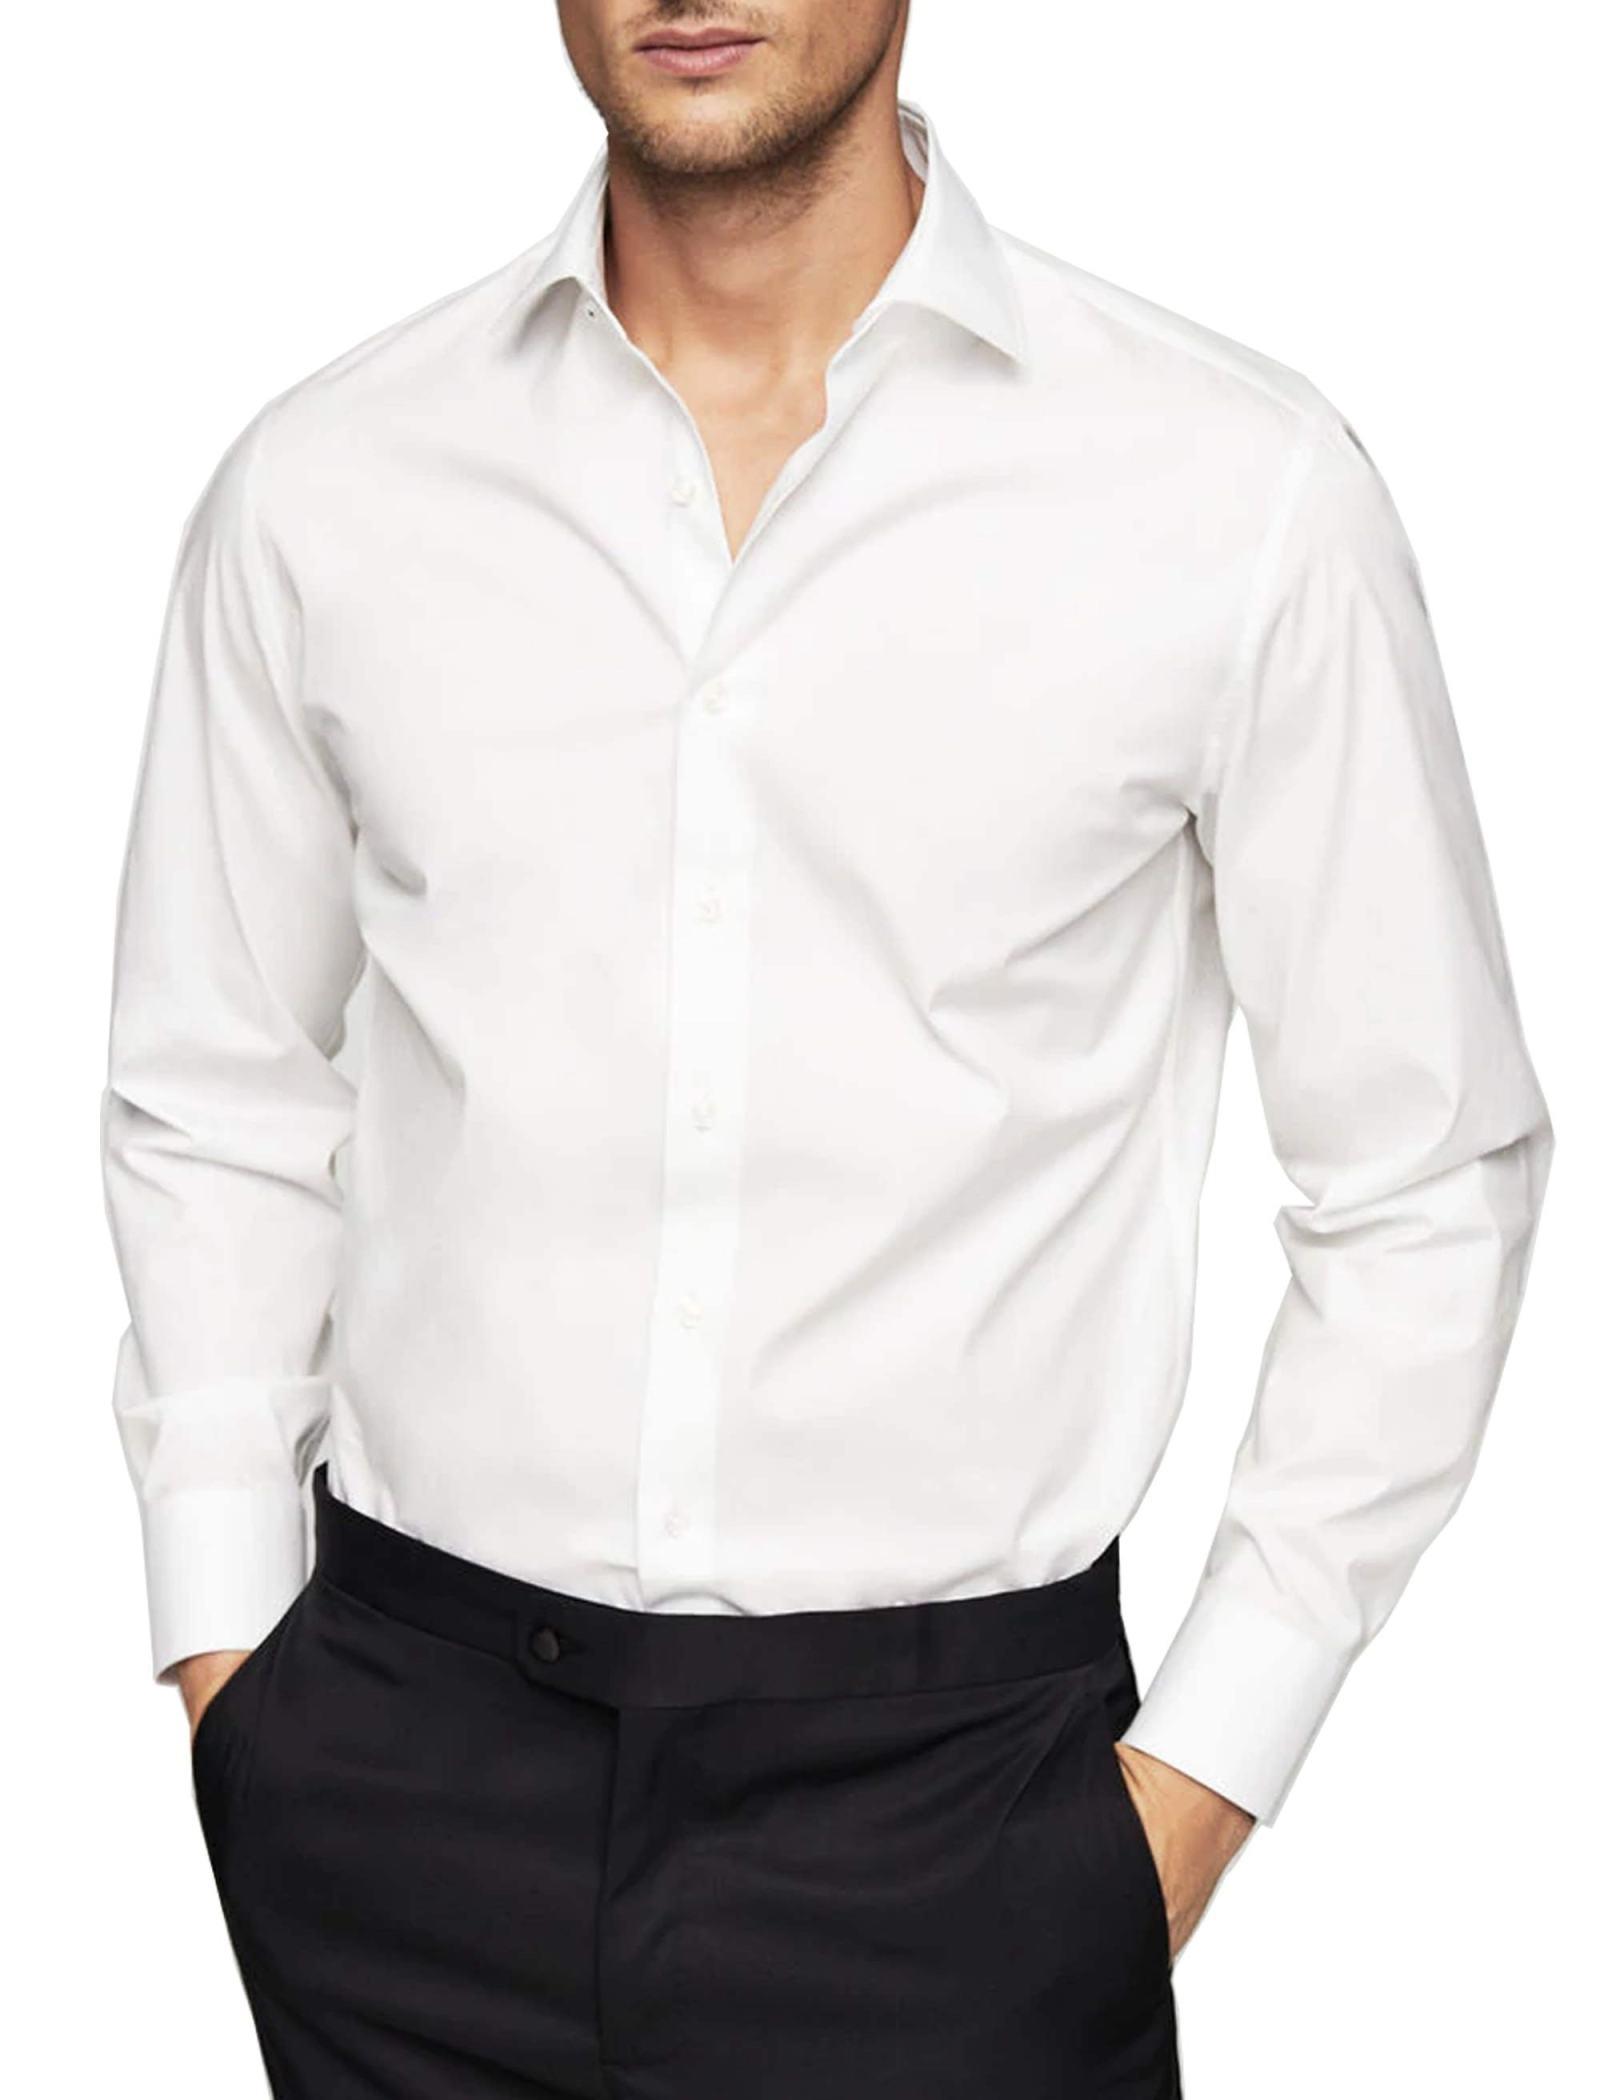 پیراهن نخی آستین بلند مردانه - مانگو - سفيد - 3